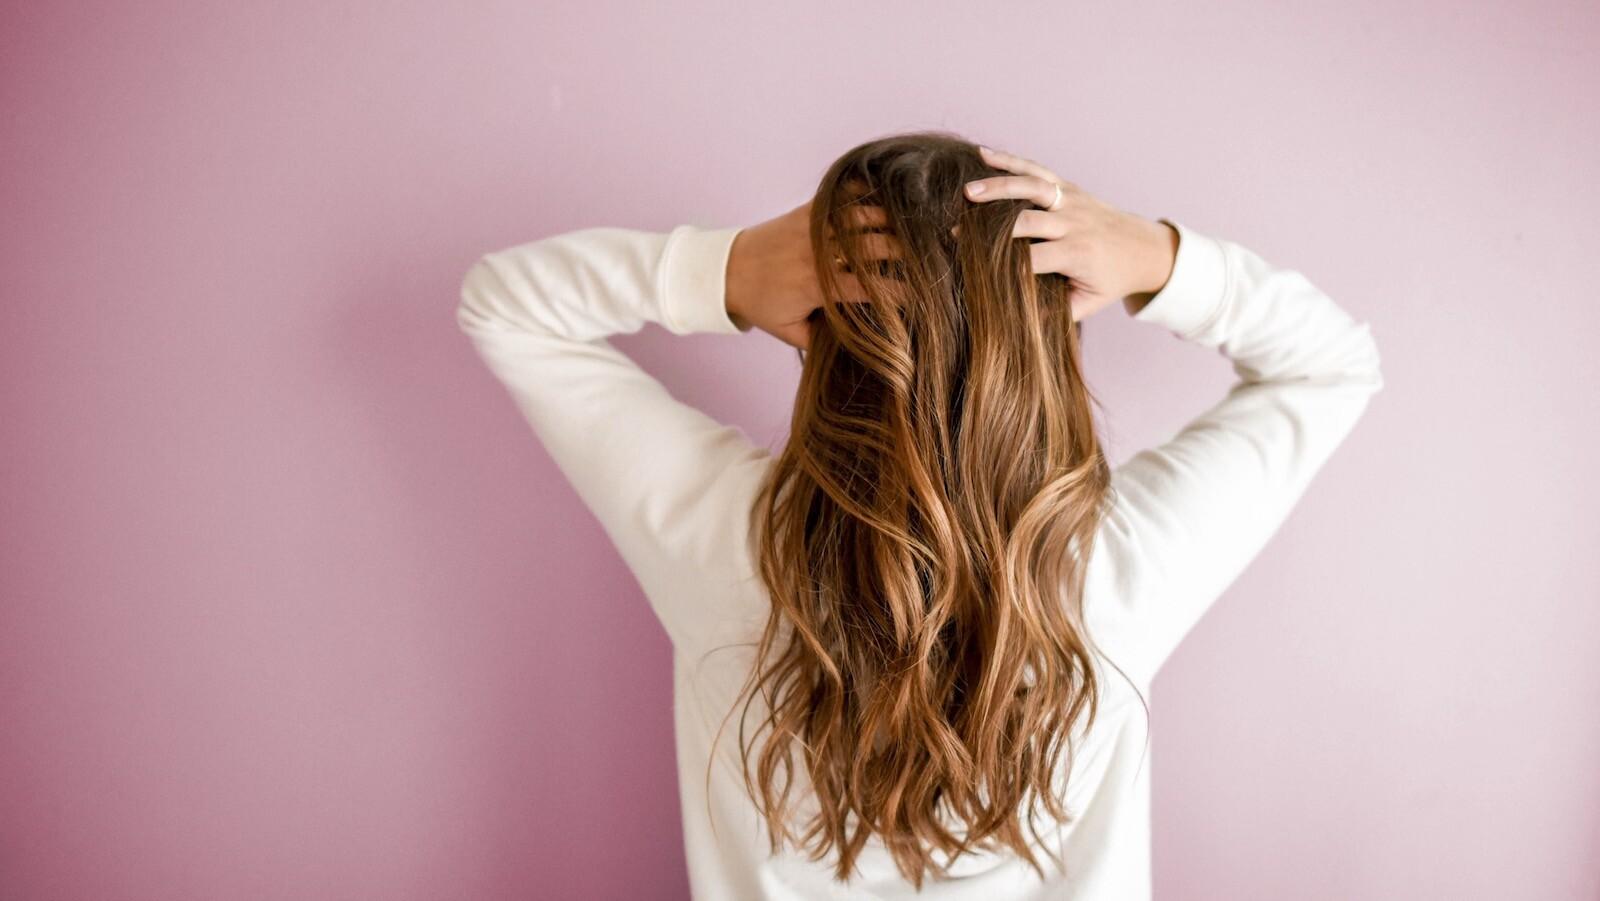 ده روش طبیعی برای بهبود سلامت و رشد مو